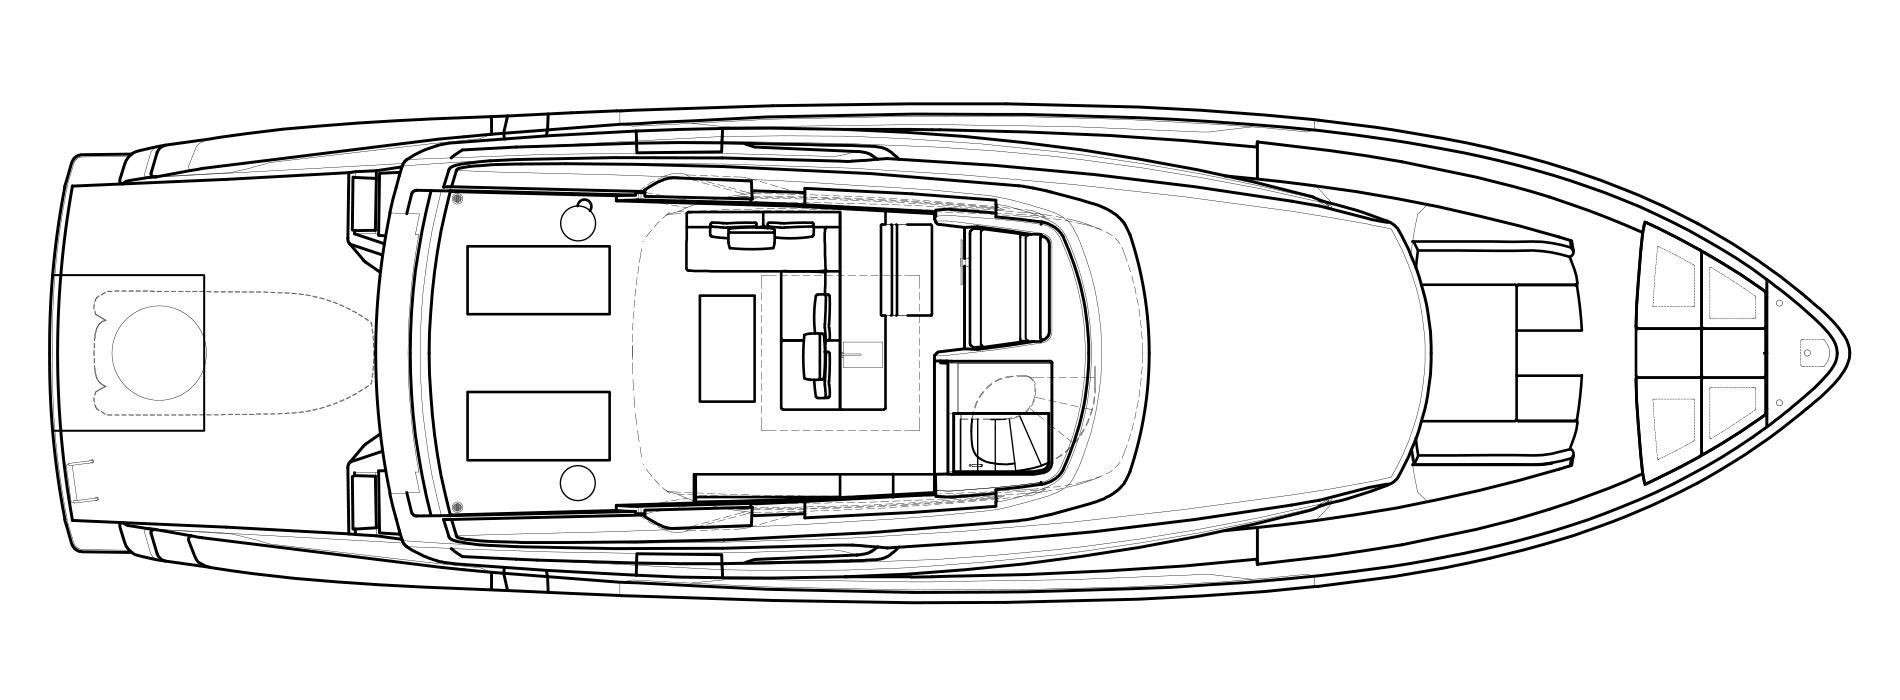 Sanlorenzo Yachts SX76 Außendeck Versione Lissoni